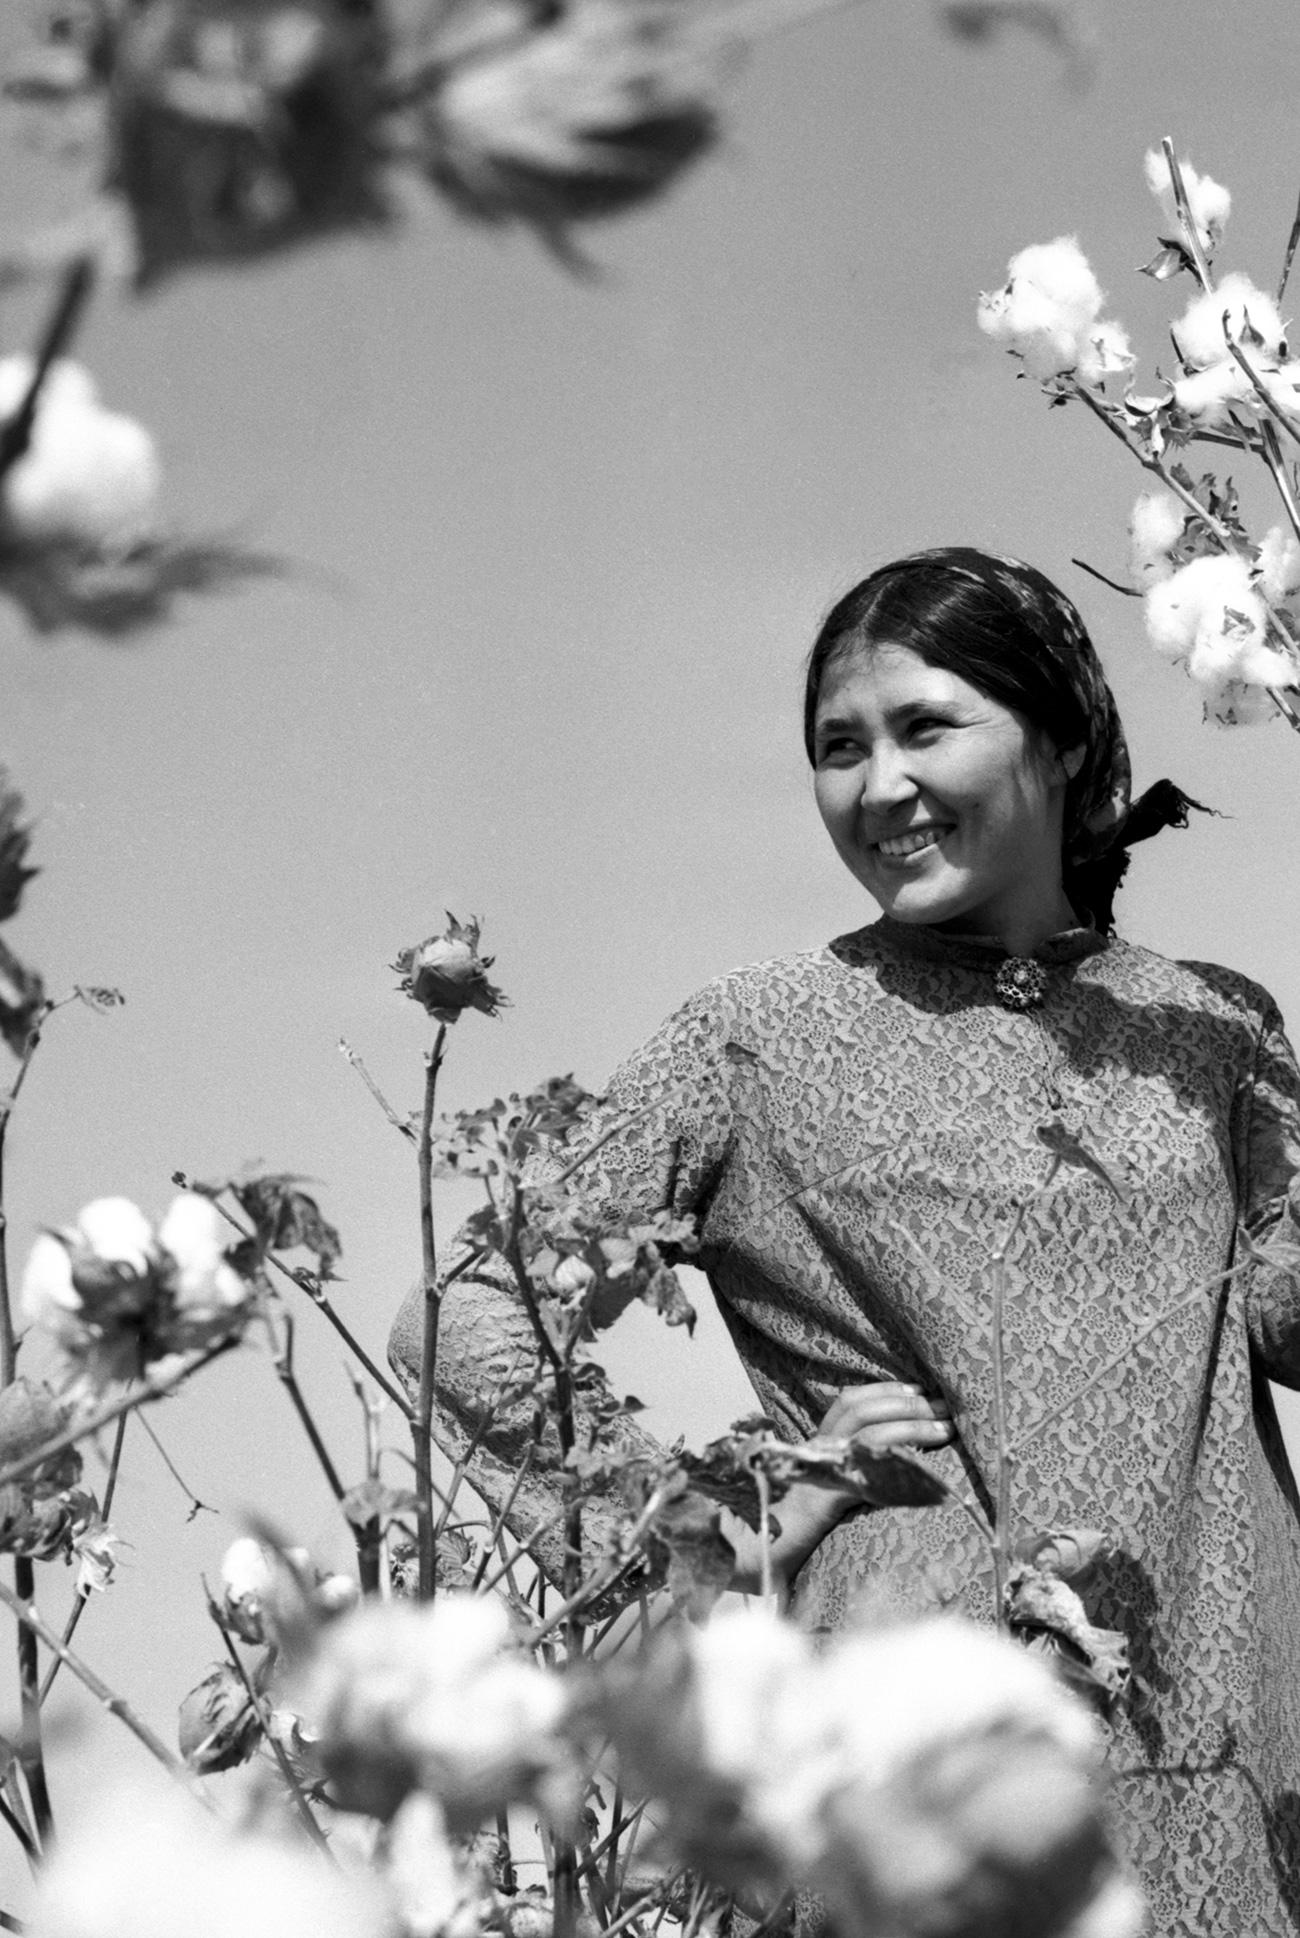 Turkmenska SSR, 1978. Vir: K.Muradov/TASS